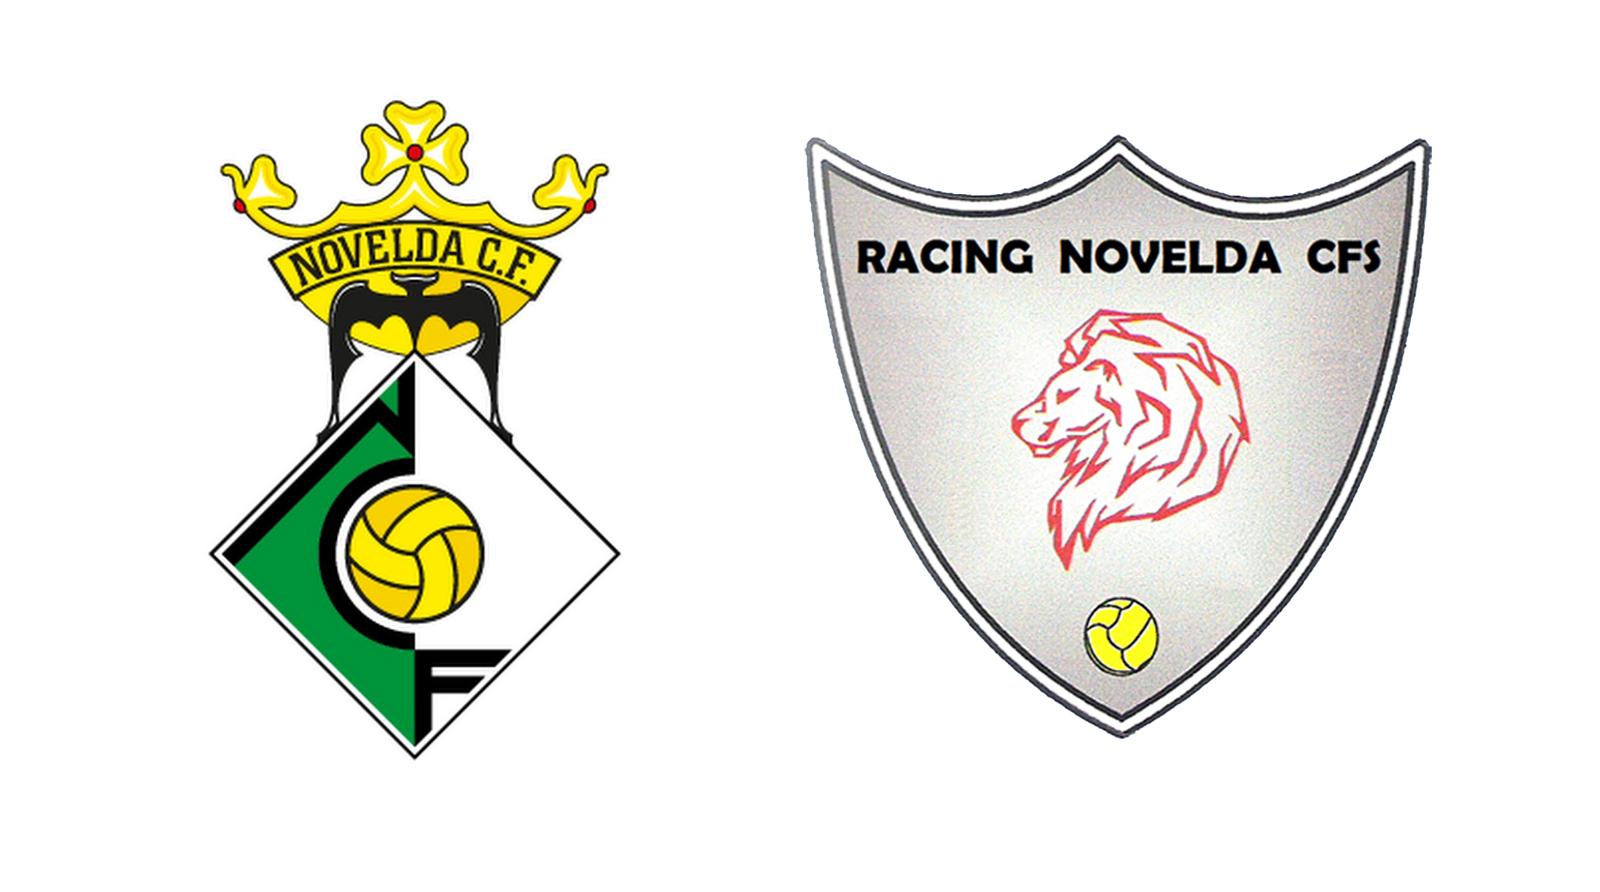 El novelda c f y el c f s racing de novelda firman un - Contactos novelda ...